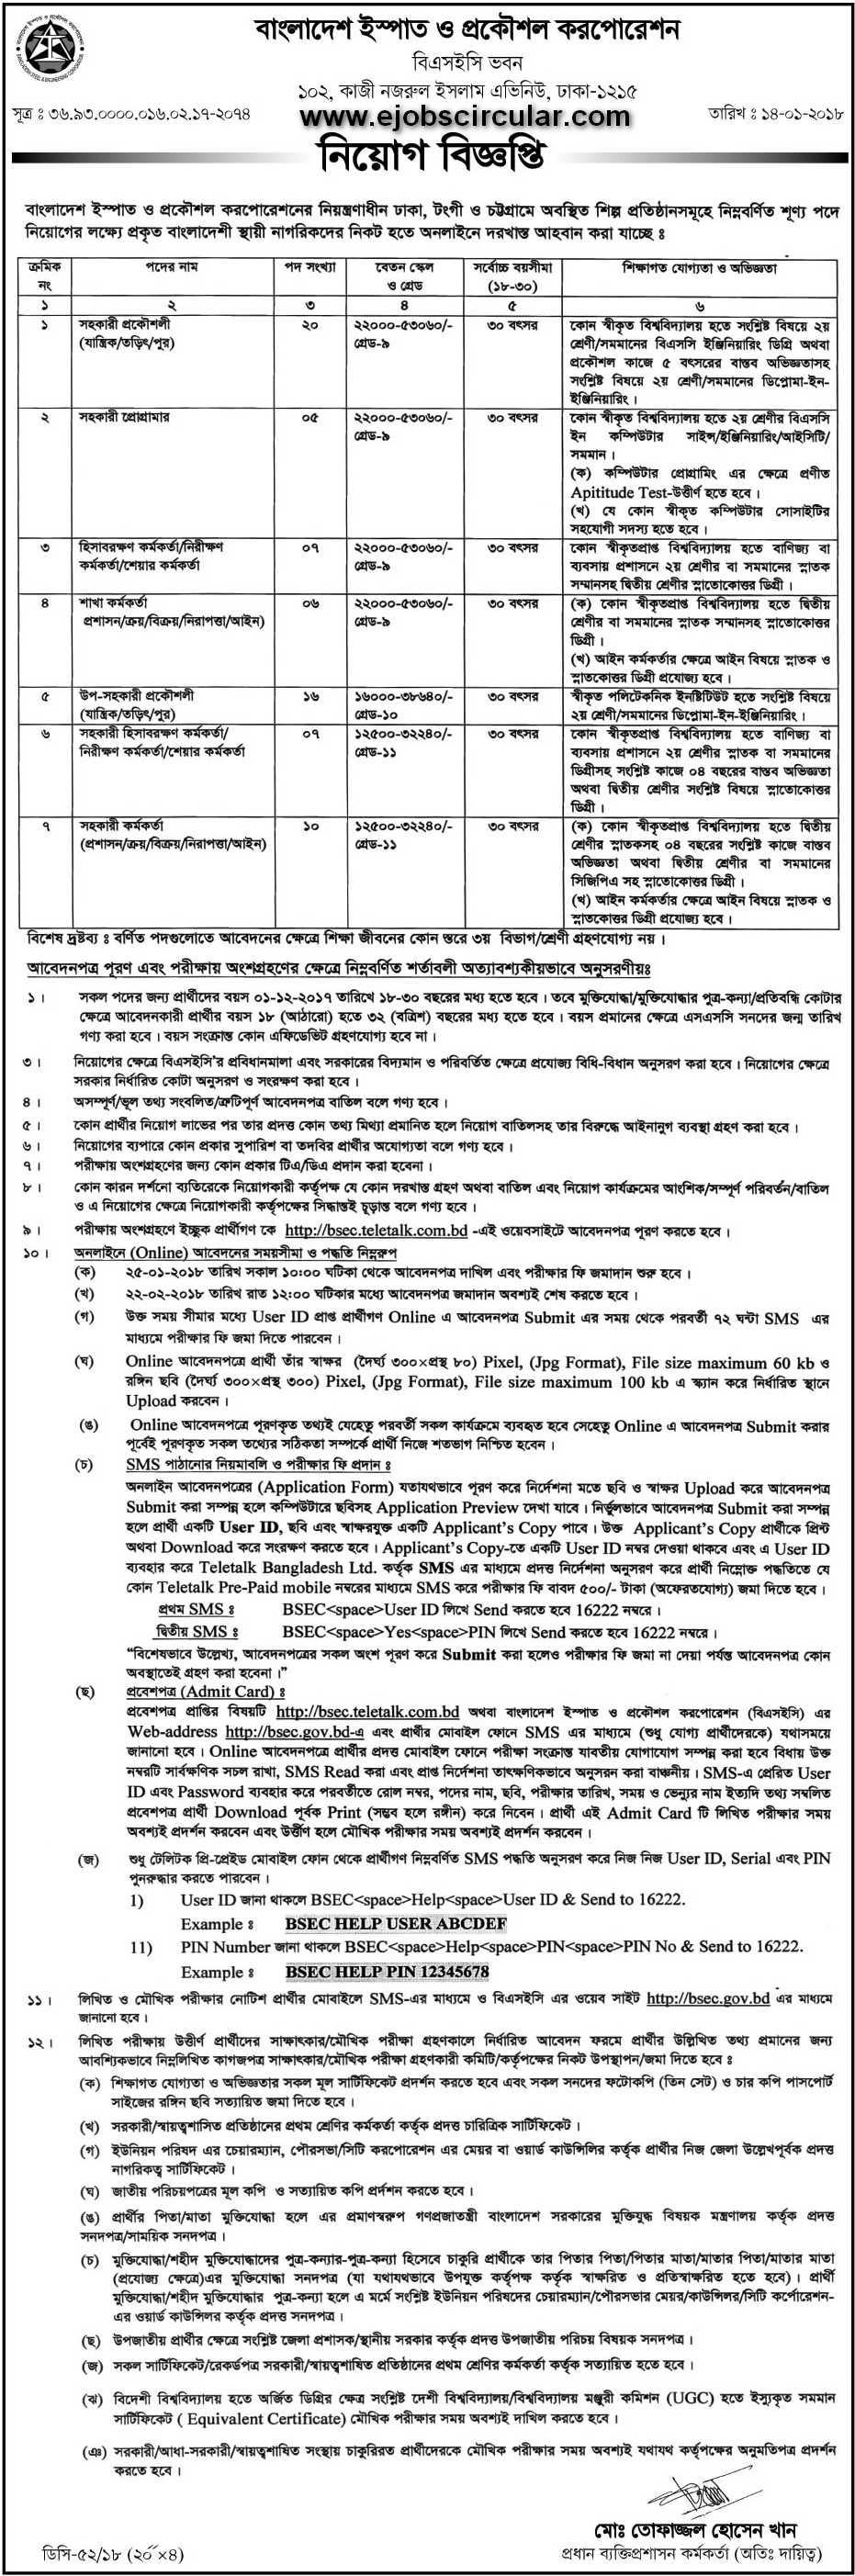 BSEC Job Circular